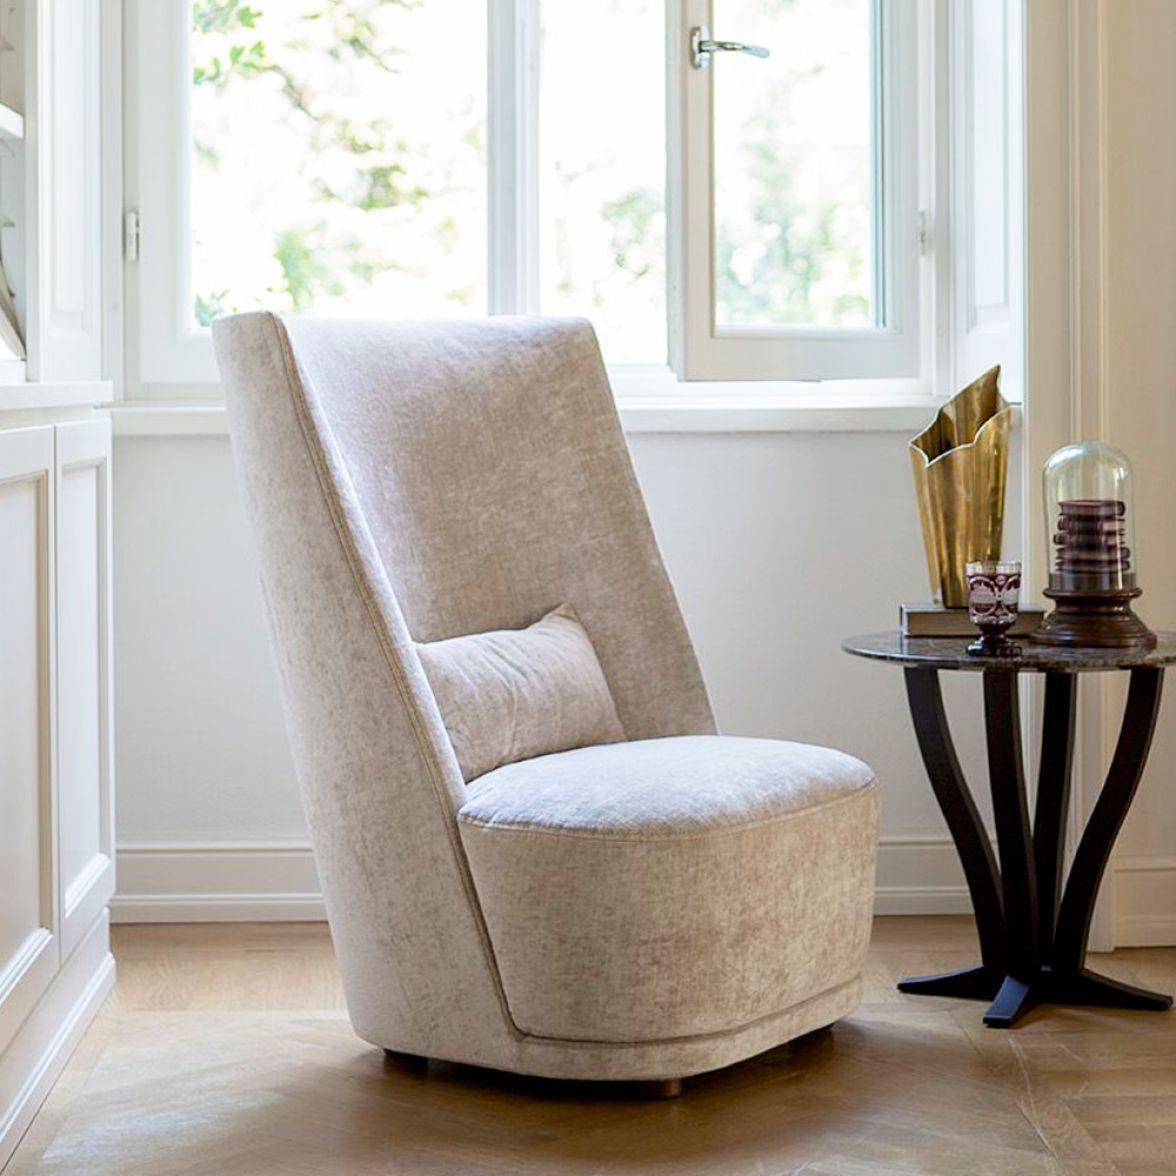 Vivien armchair